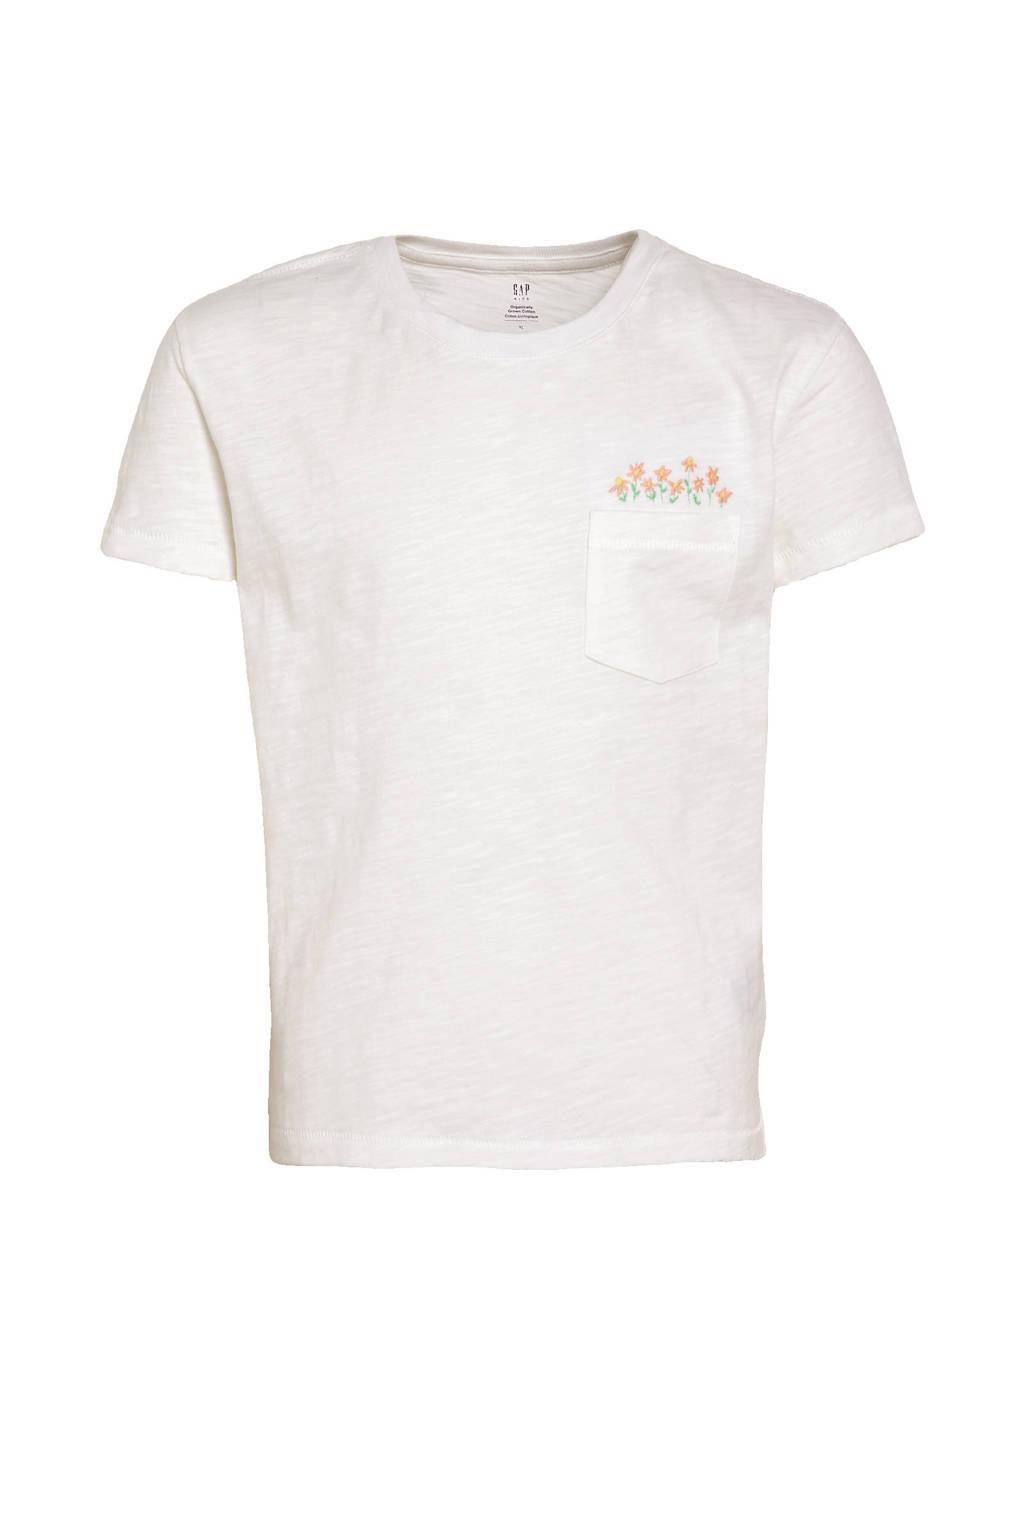 GAP gemêleerd T-shirt ecru, Ecru